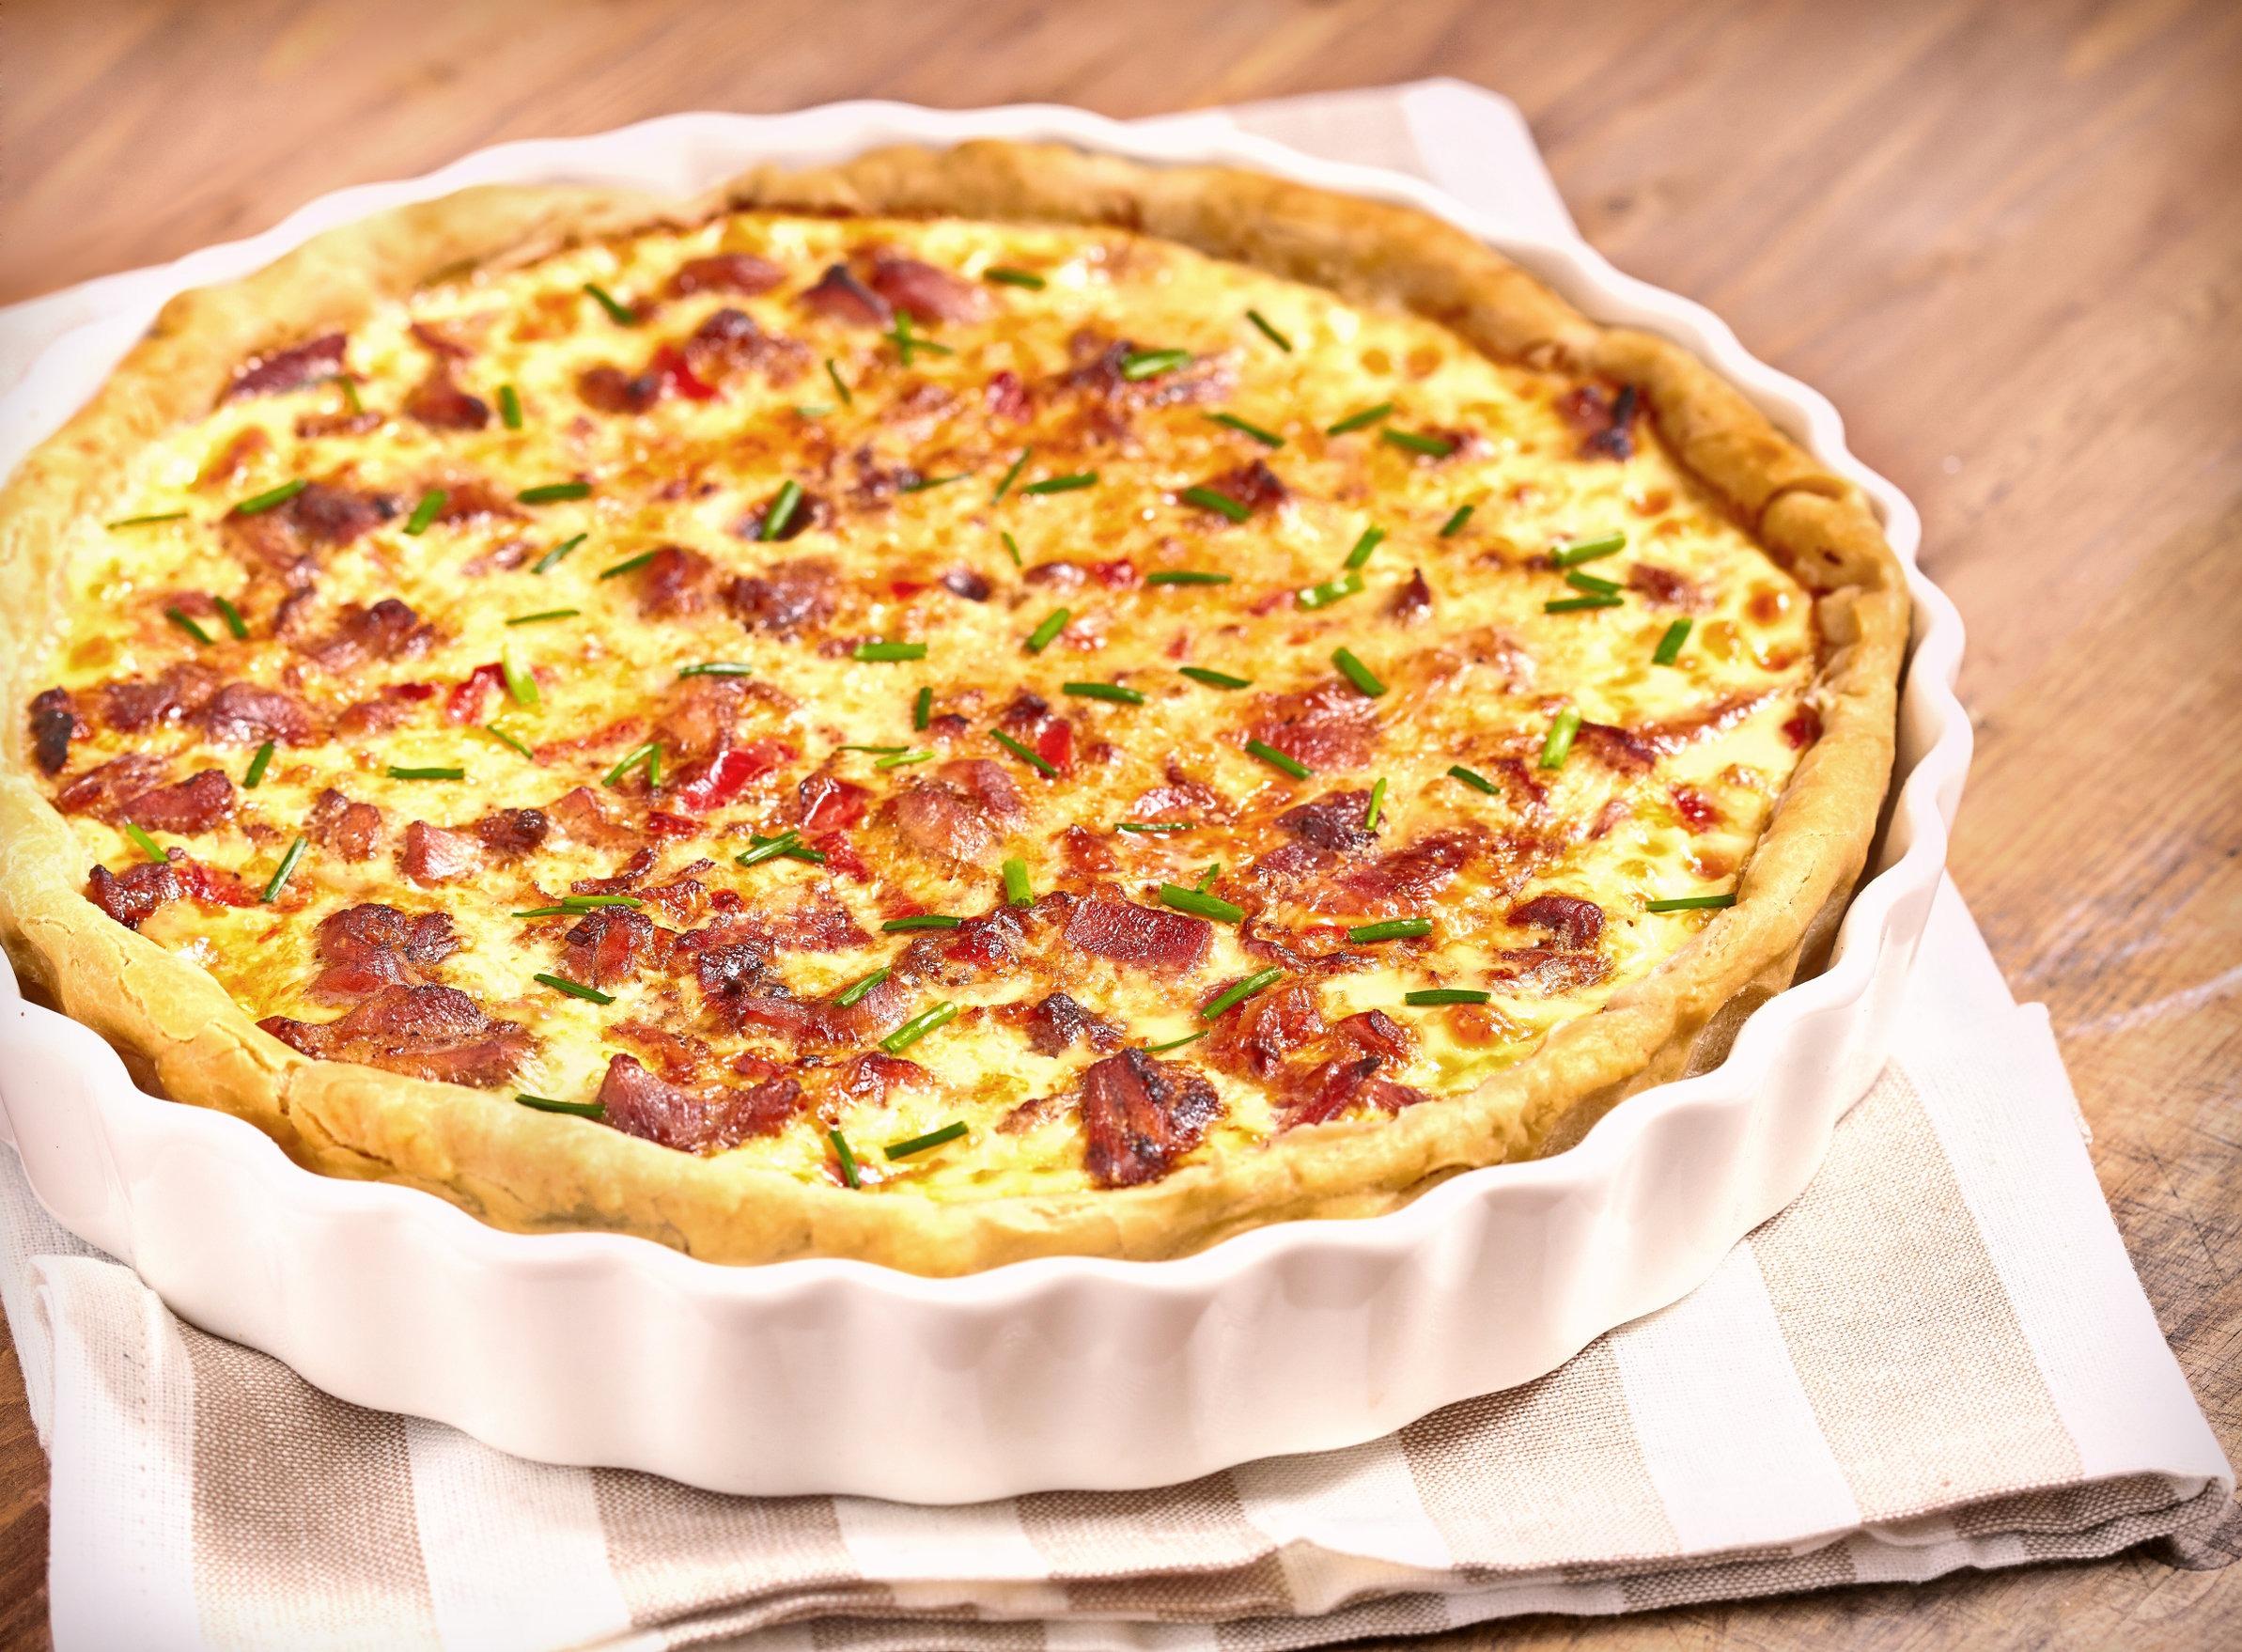 Maple Bacon Quiche